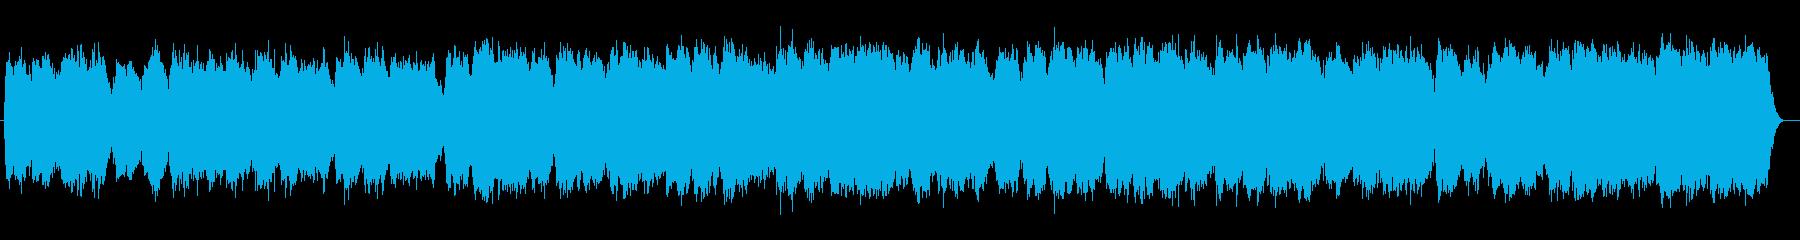 幻想的なピアノシンセの再生済みの波形